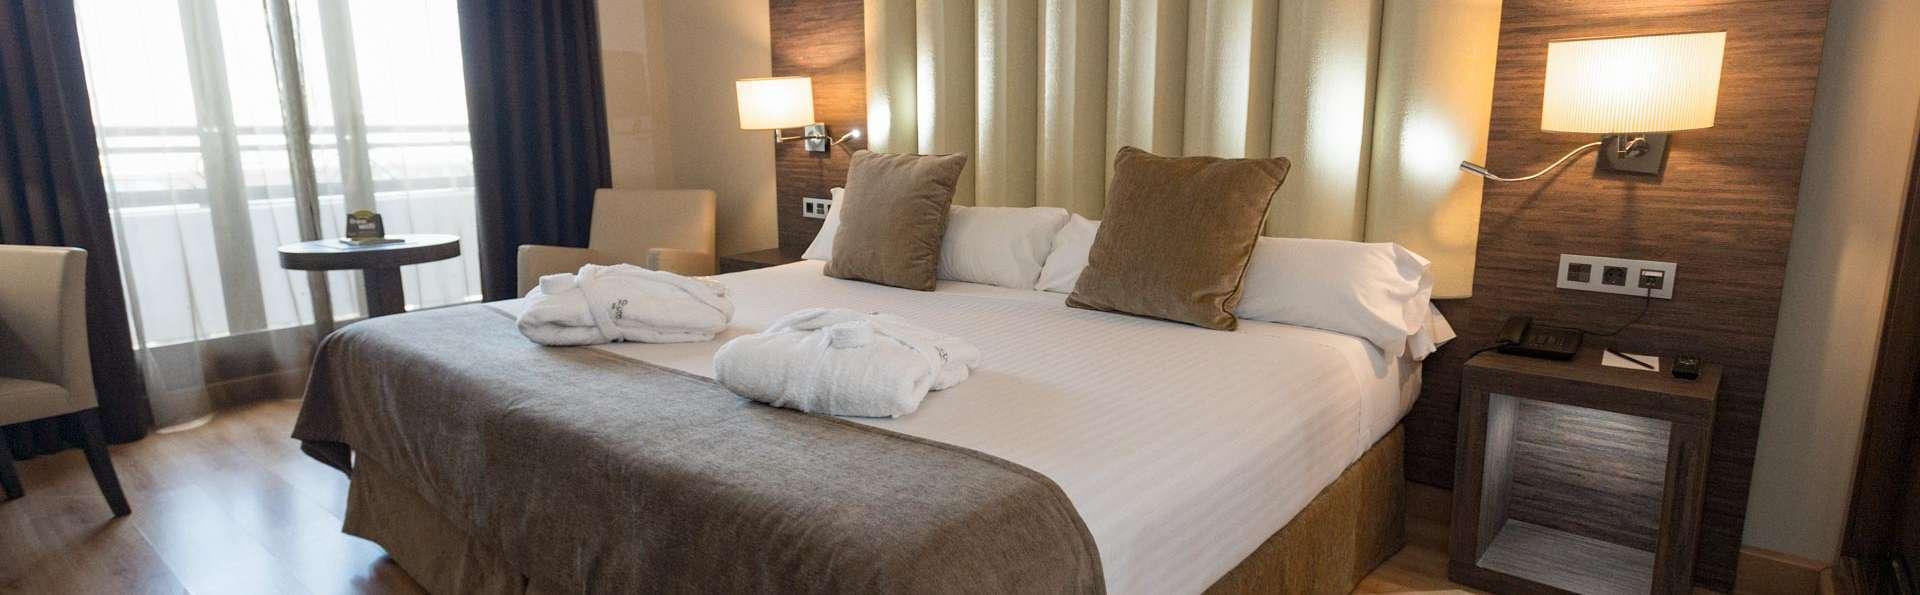 Week-end à Grenade dans un hôtel 4 étoiles central avec accès à la piscine intérieure et à la salle